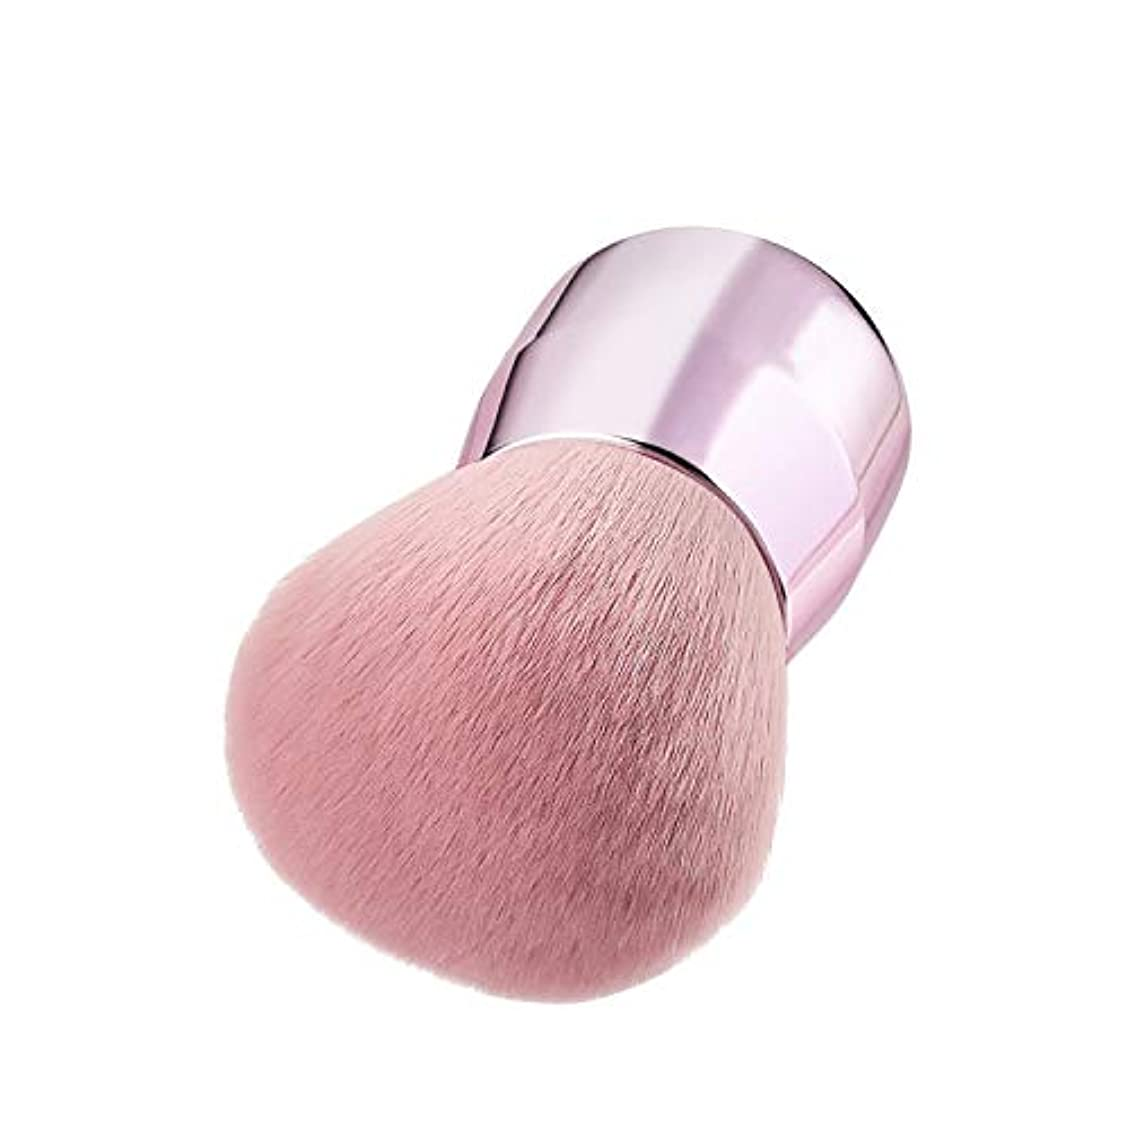 エンゲージメント調子純粋にMakeup brushes きのこの頭の自由な粉のブラシの携帯用宣言的な構造のブラシ蜂蜜の粉の構造の粉のブラシのブラシ1つ suits (Color : Rose Gold)